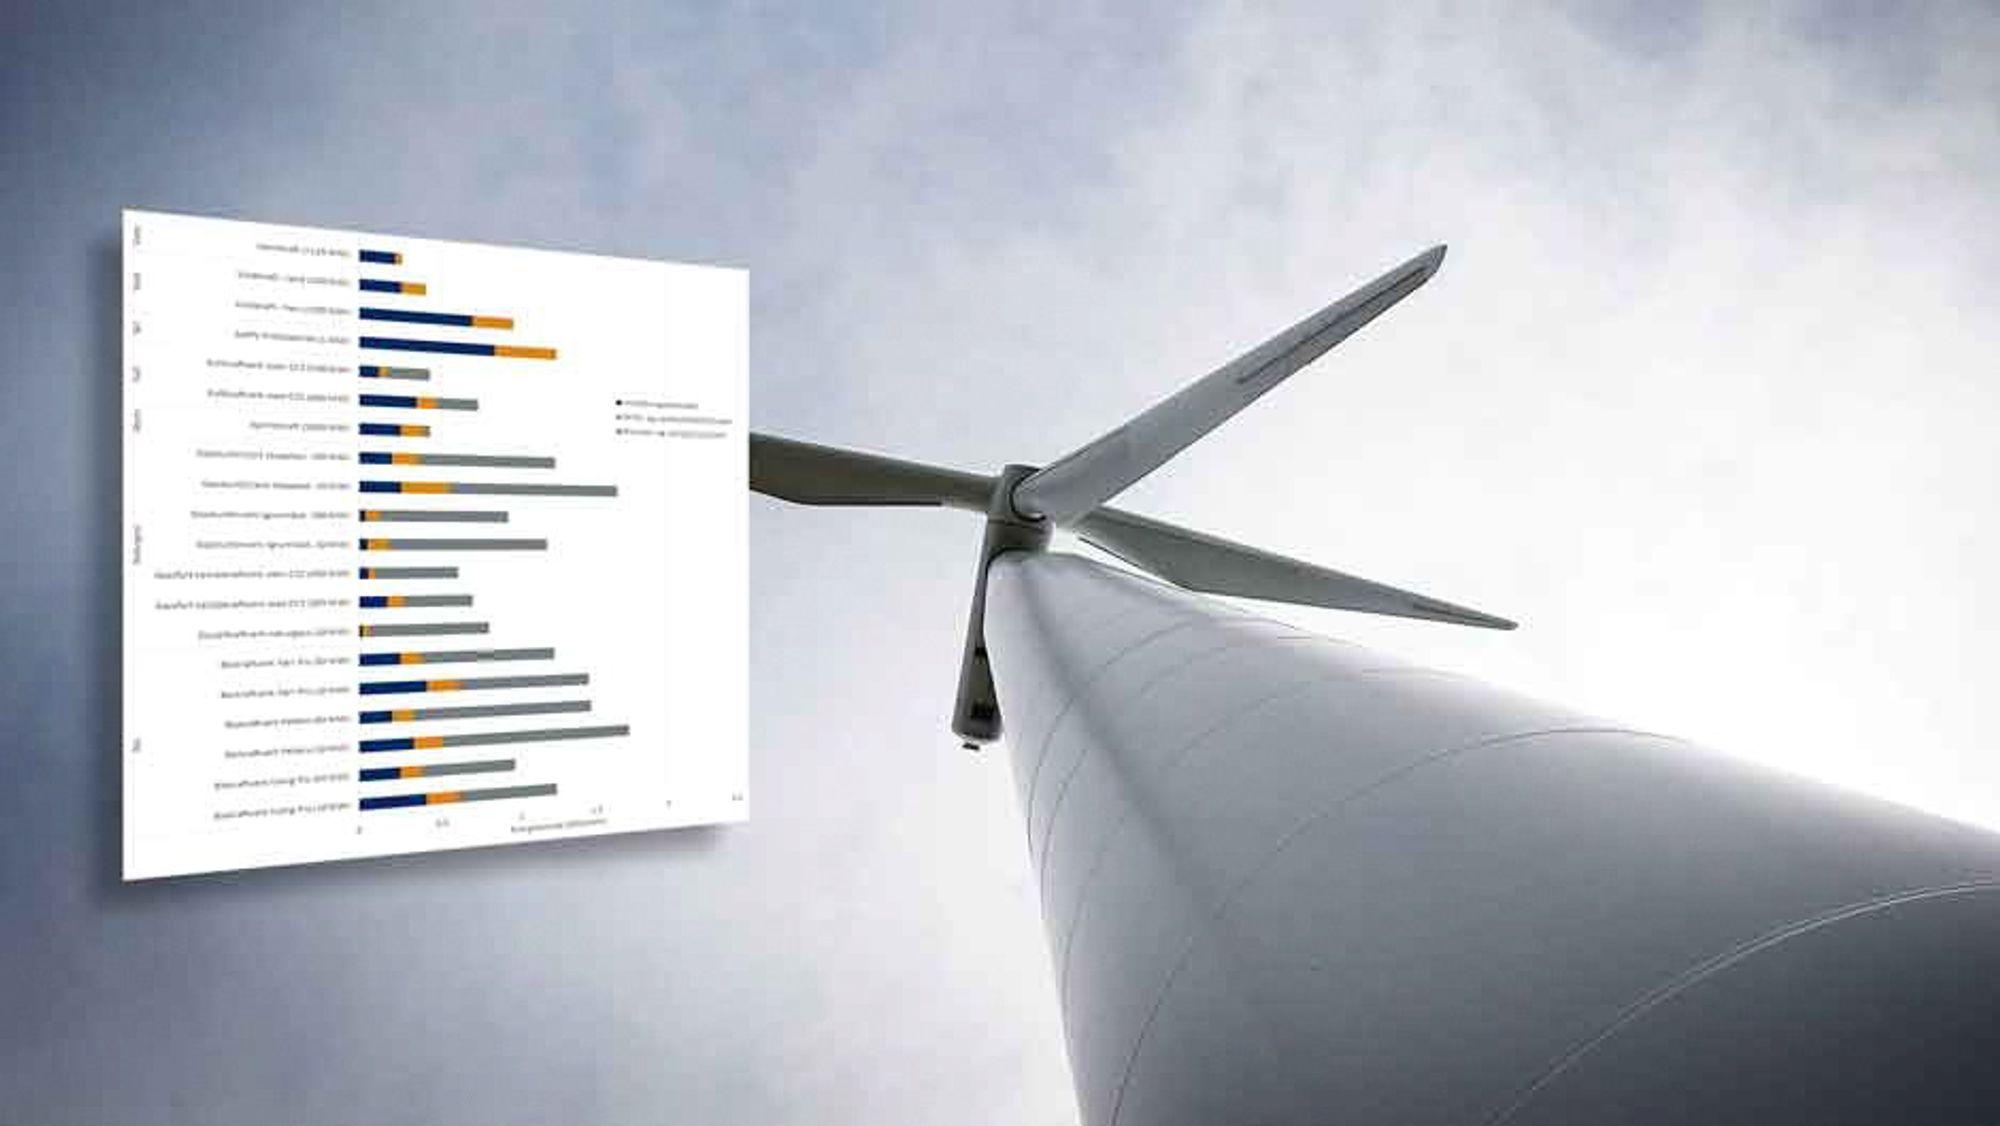 Teknologiforbedringer og kostnadsfall gjør at vindkraft, selv uten støtte, kan konkurrere med kull- og kjernekraft, viser ny NVE-rapport.